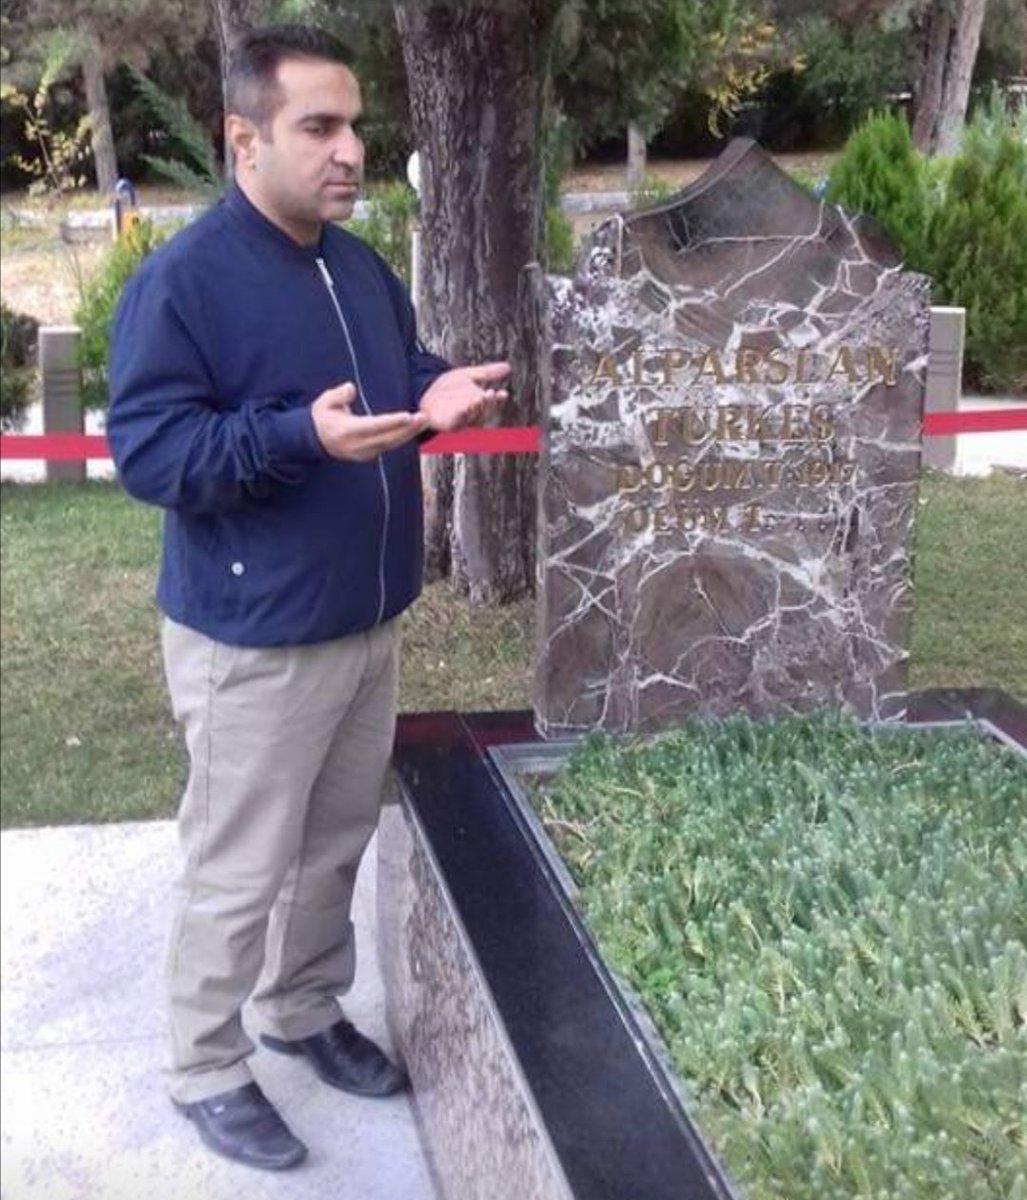 #KutluDava'mıza birlikte omuz omuza hizmet etmekten onur duyduğum Cengiz Demir Hocamı vefatının sene-i devriyesinde rahmetle anıyorum.  Ruhun şâd, mekanın cennet olsun. https://t.co/4FfcZXODKm